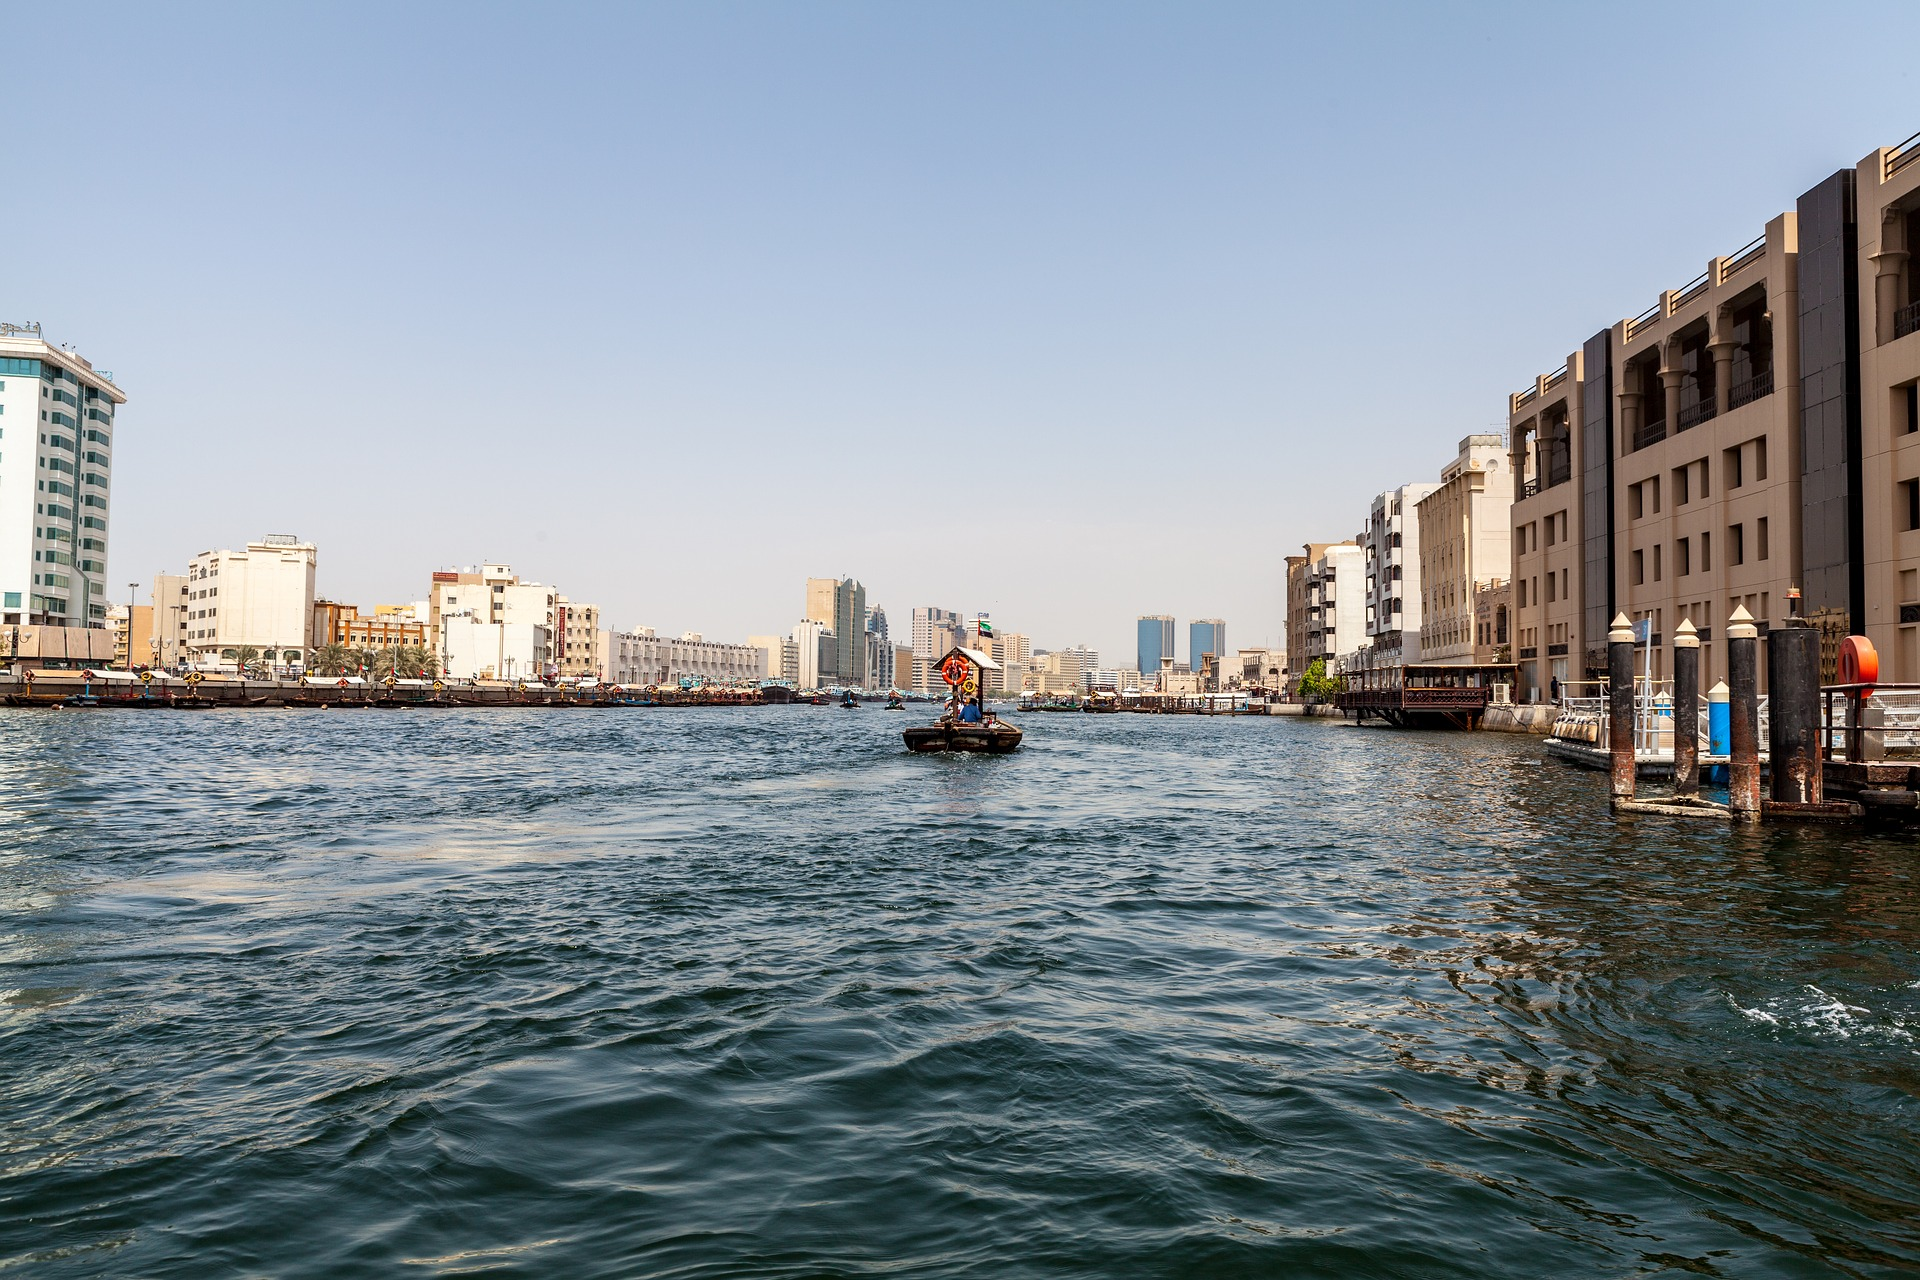 Ihr bewegt euch am günstigsten über die Wasserstraßen in den Vereinigten Arabischen Emiraten - an der Küste